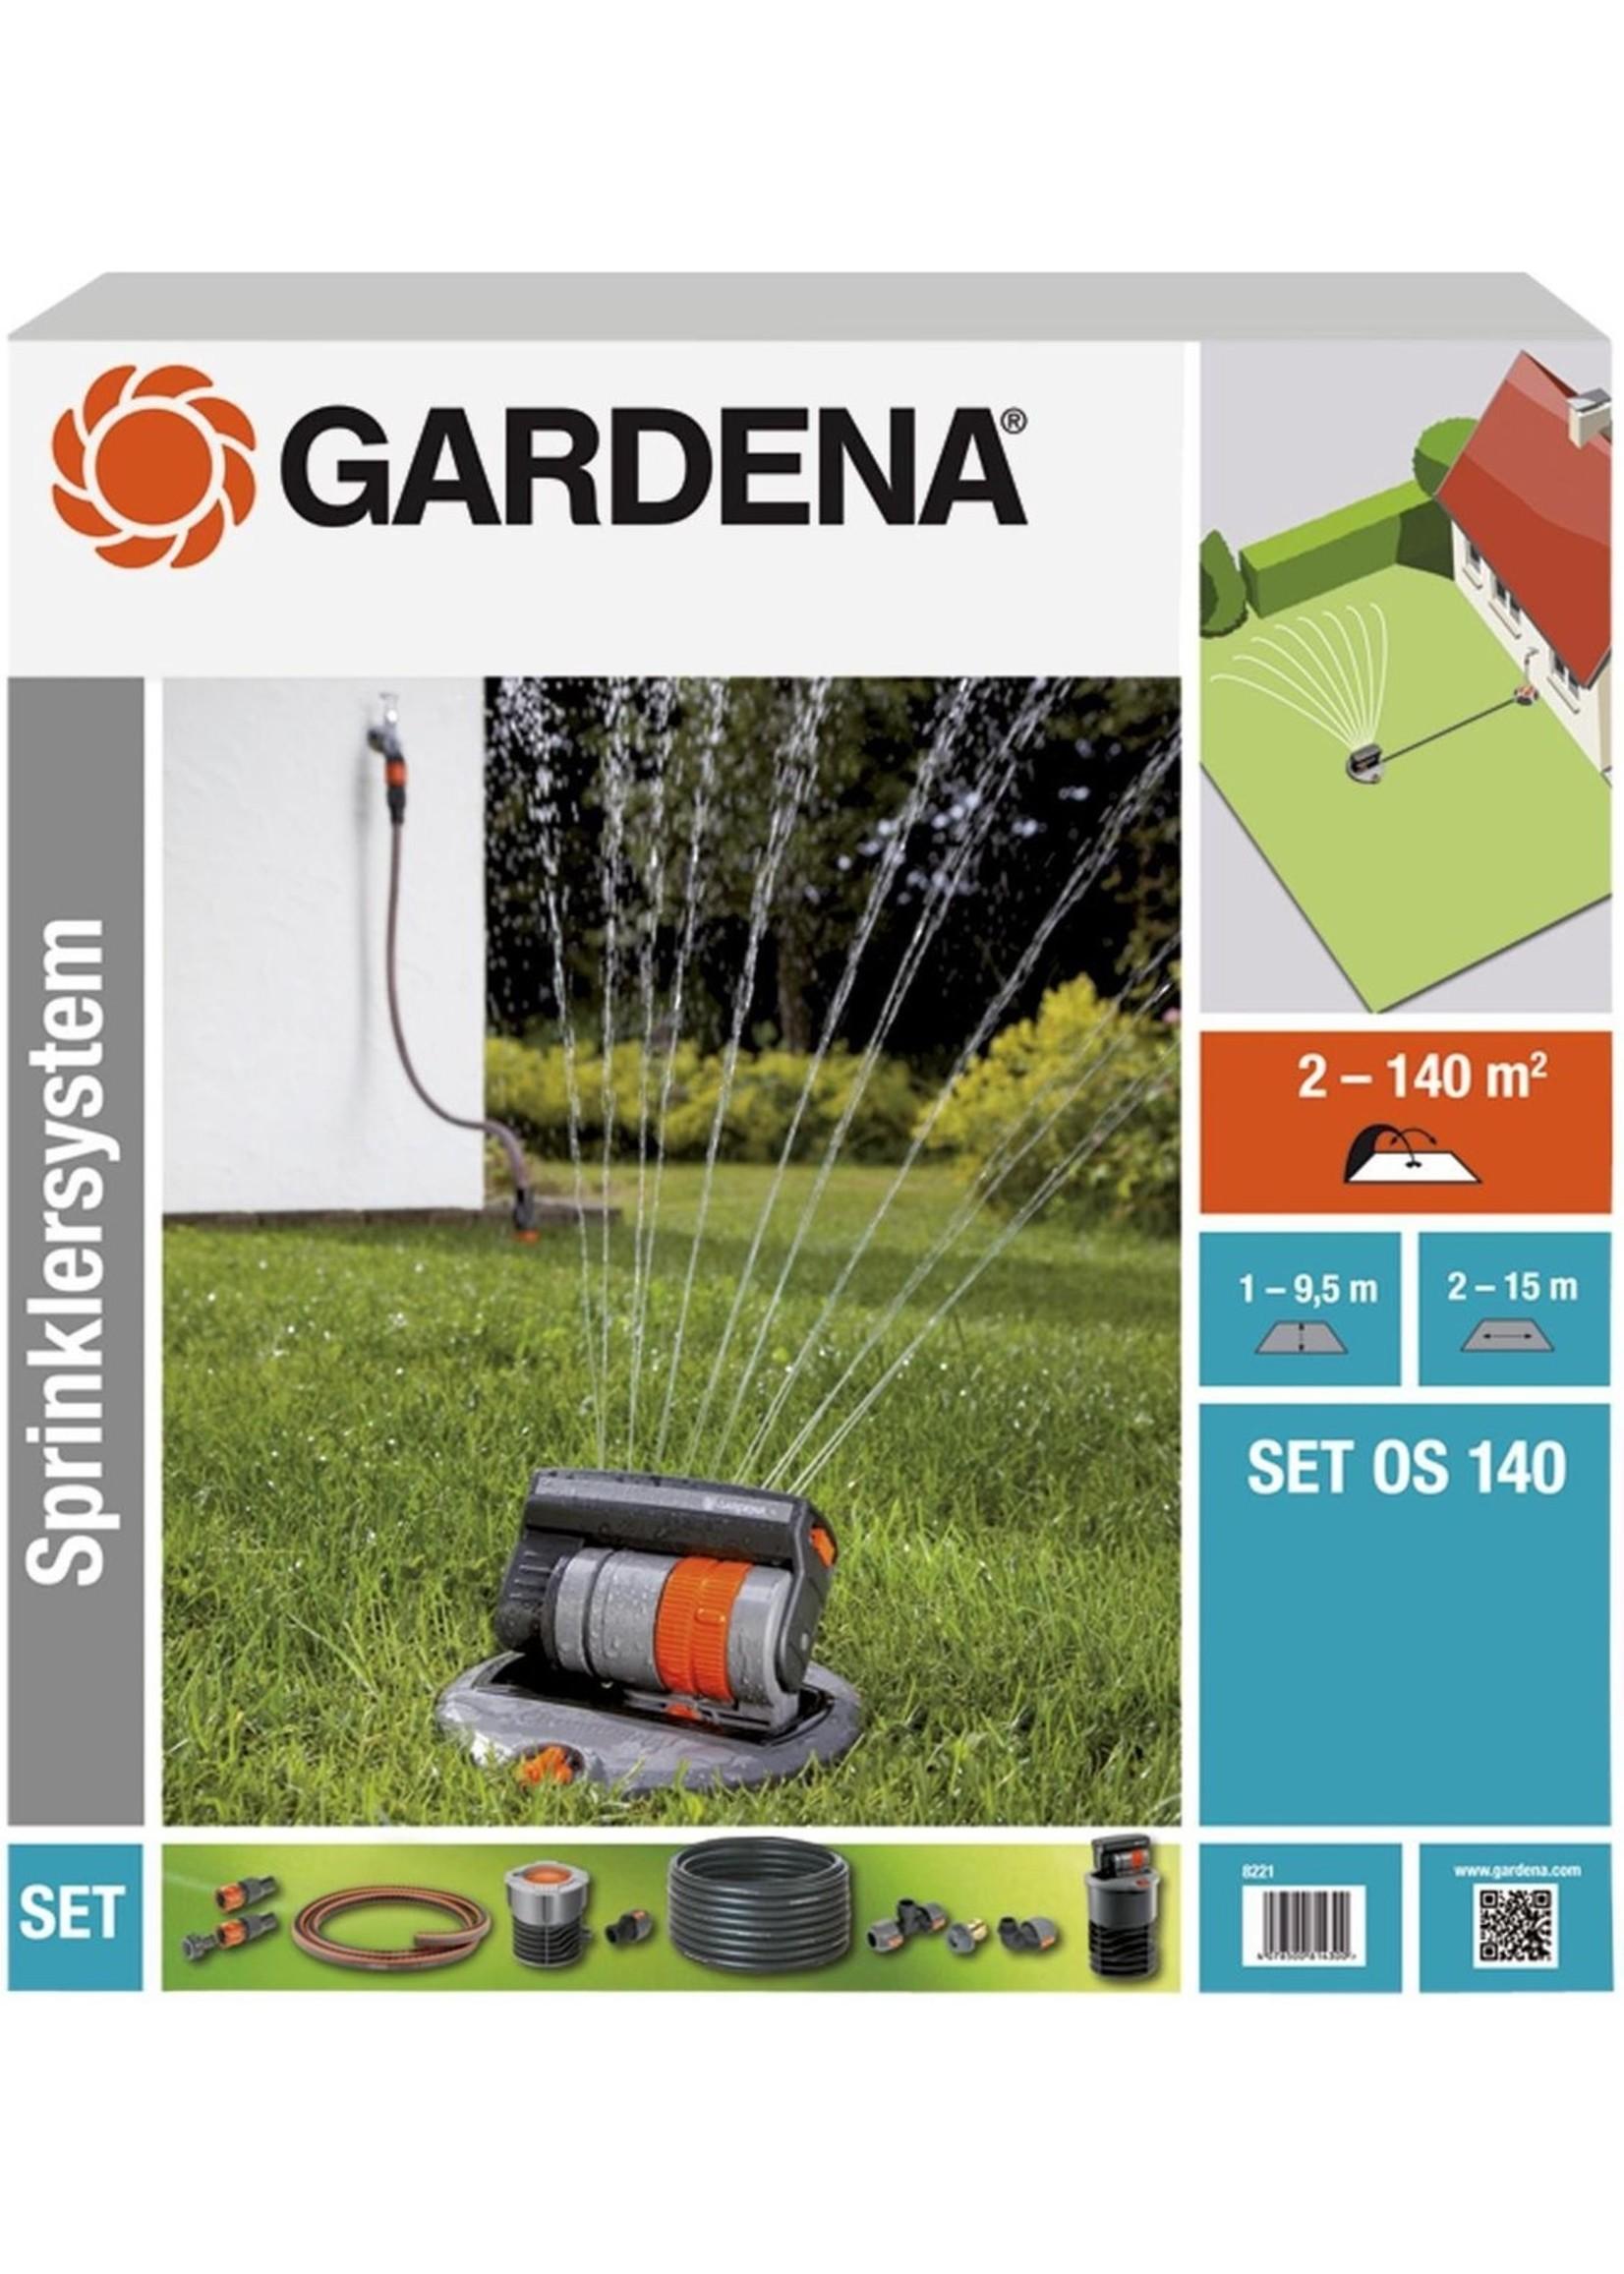 Gardena GARDENA Sprinklersysteem - Complete set incl. verzonken zwenksproeier - gazons tot 140 m² koopjeshoek